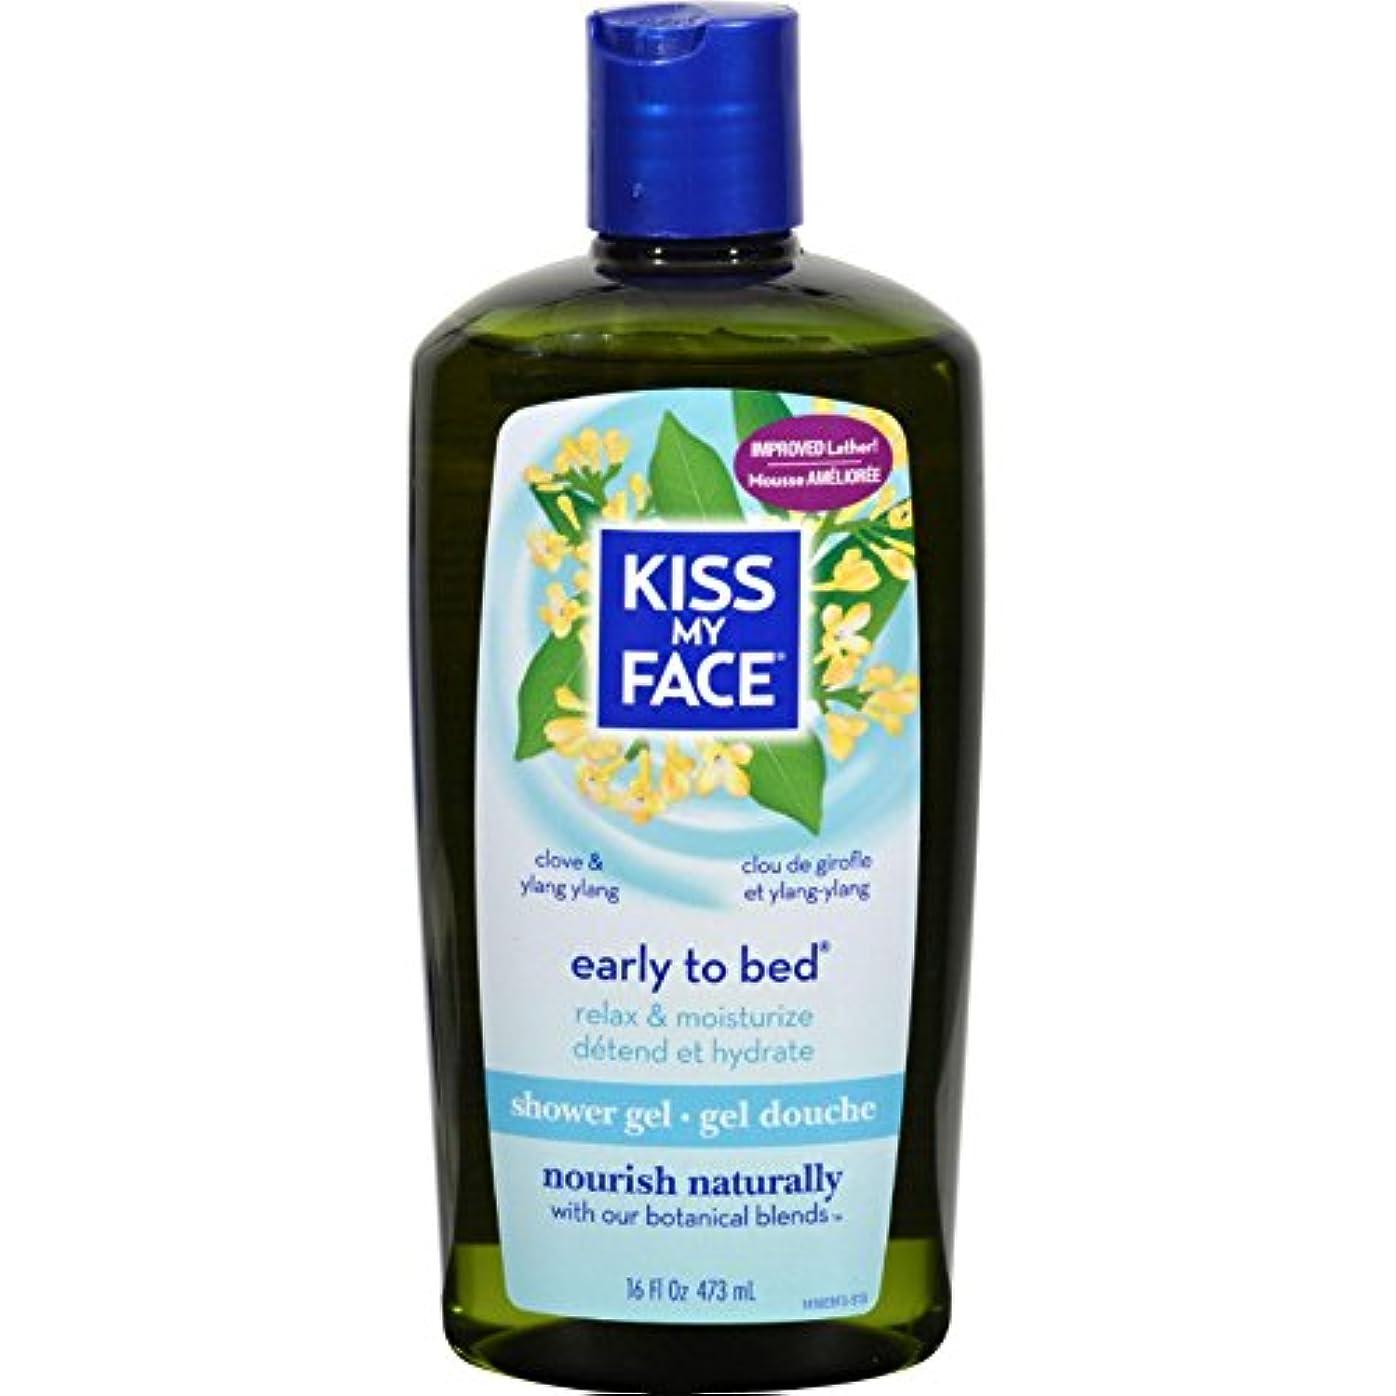 損失良さ破滅Bath and Shower Gel Early to Bed Clove and Ylang Ylang - 16 fl oz by Kiss My Face